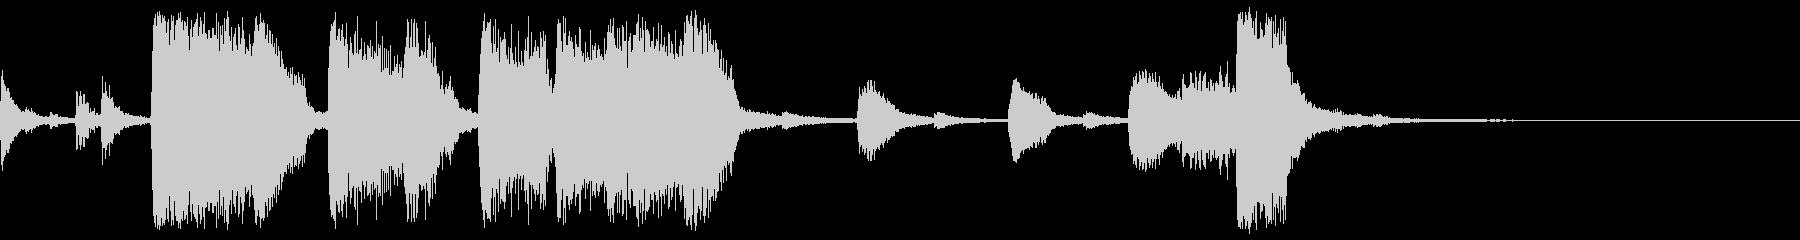 ビッグバンドのジャズ風エンディング 2の未再生の波形